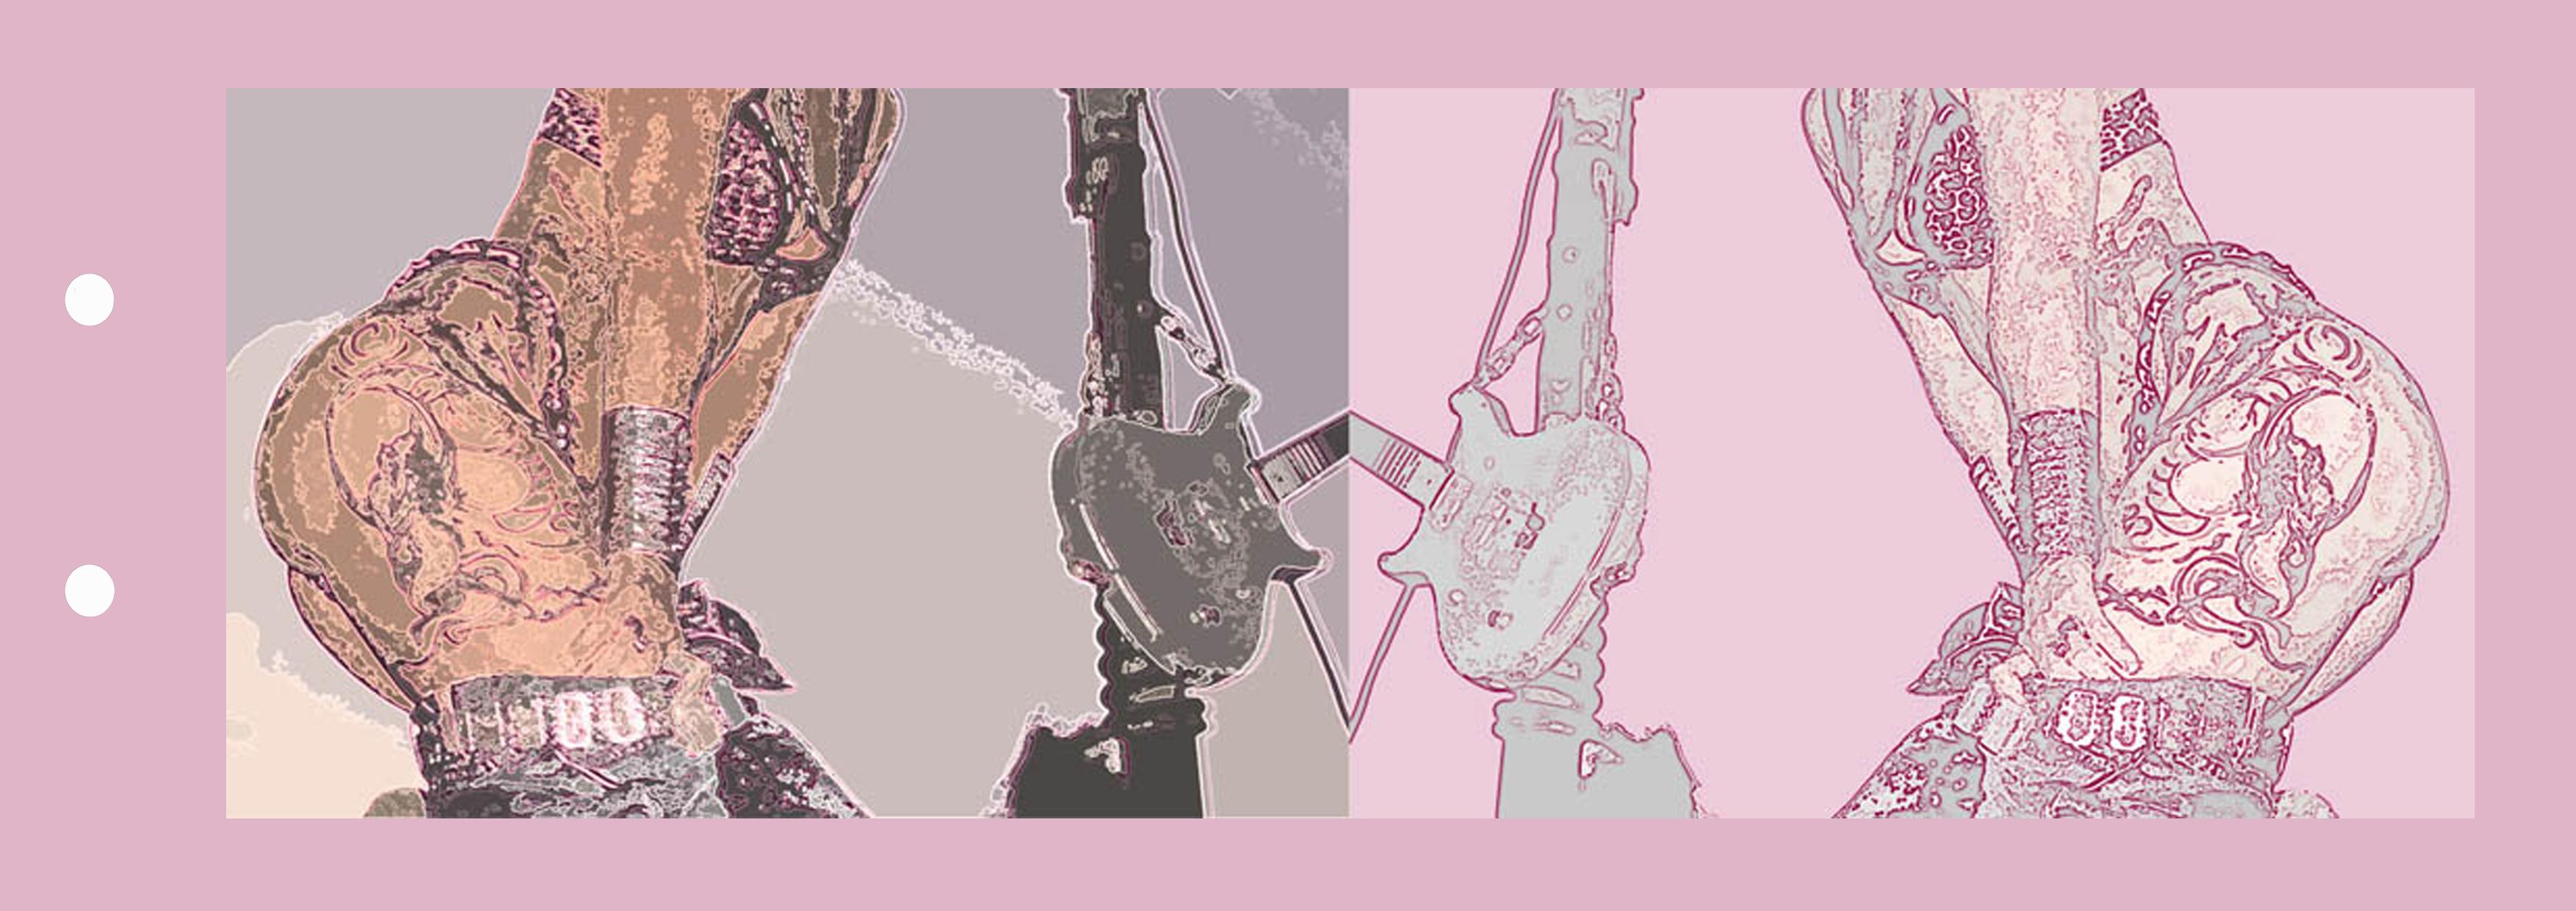 6-catalogo-ANTONIA+PEÑA-3-CULOSGUITARRA.jpg